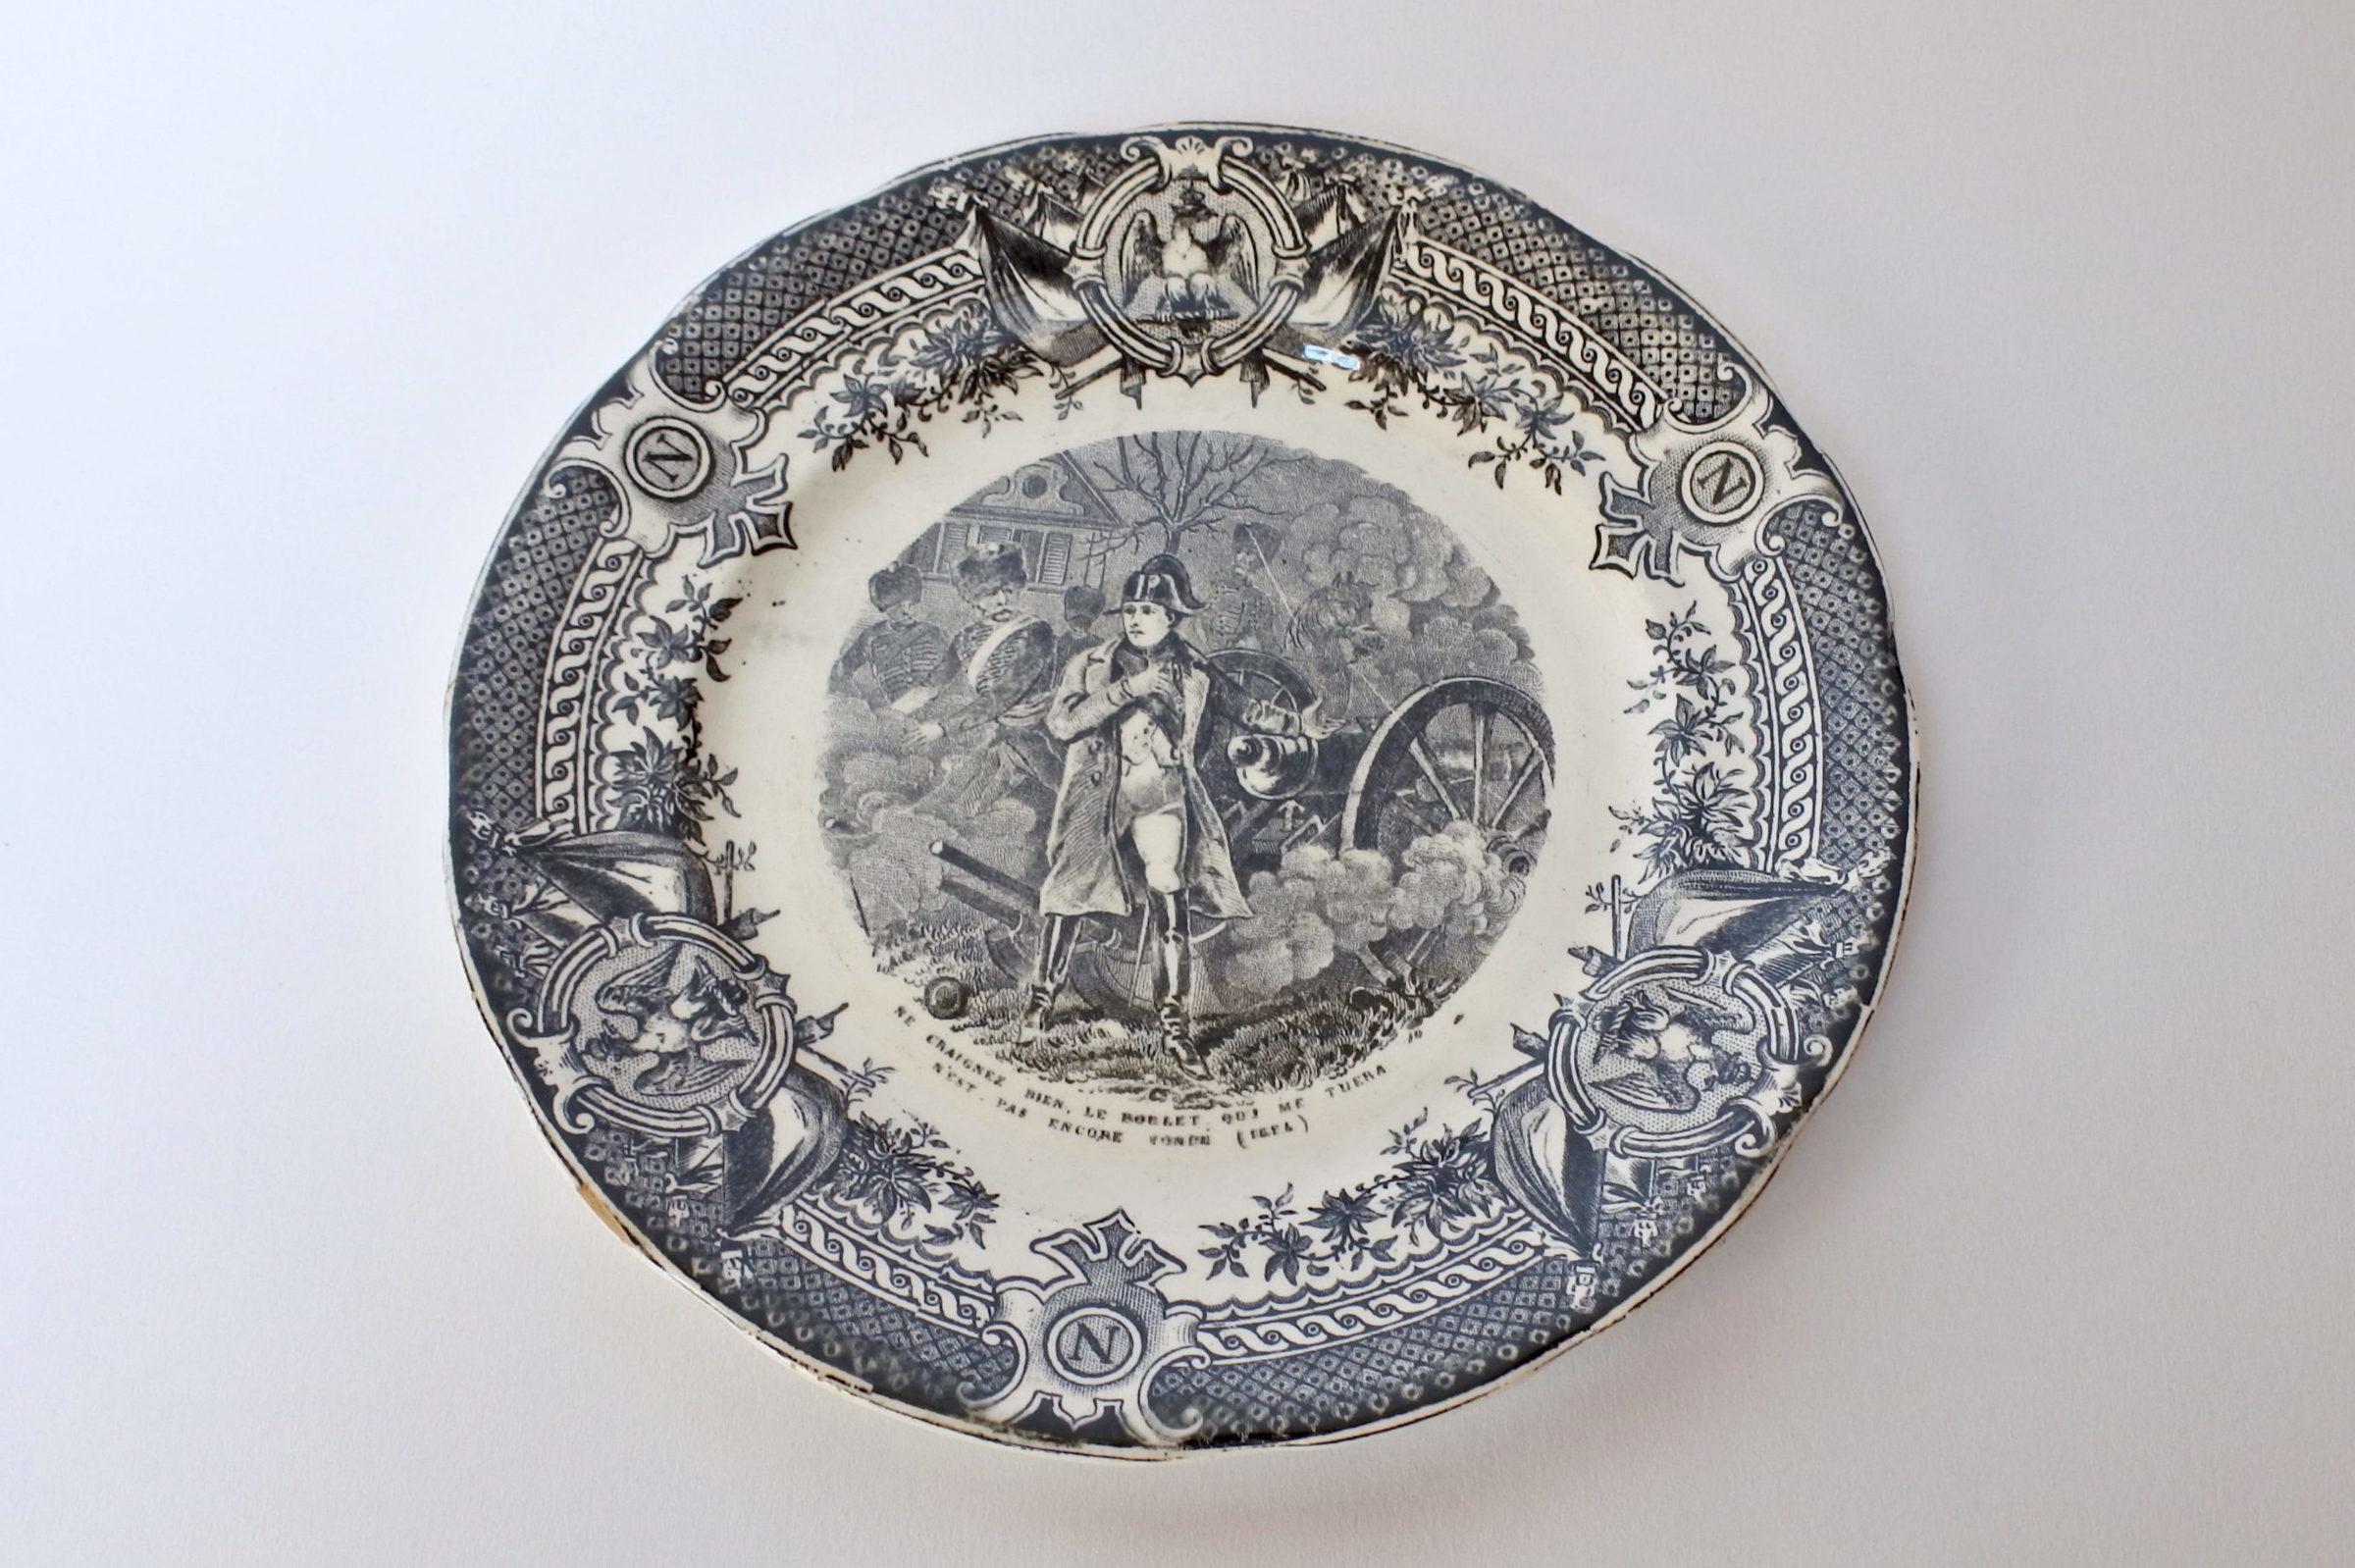 Piatto in ceramica con decoro Napoleone Bonaparte - Sarreguemines